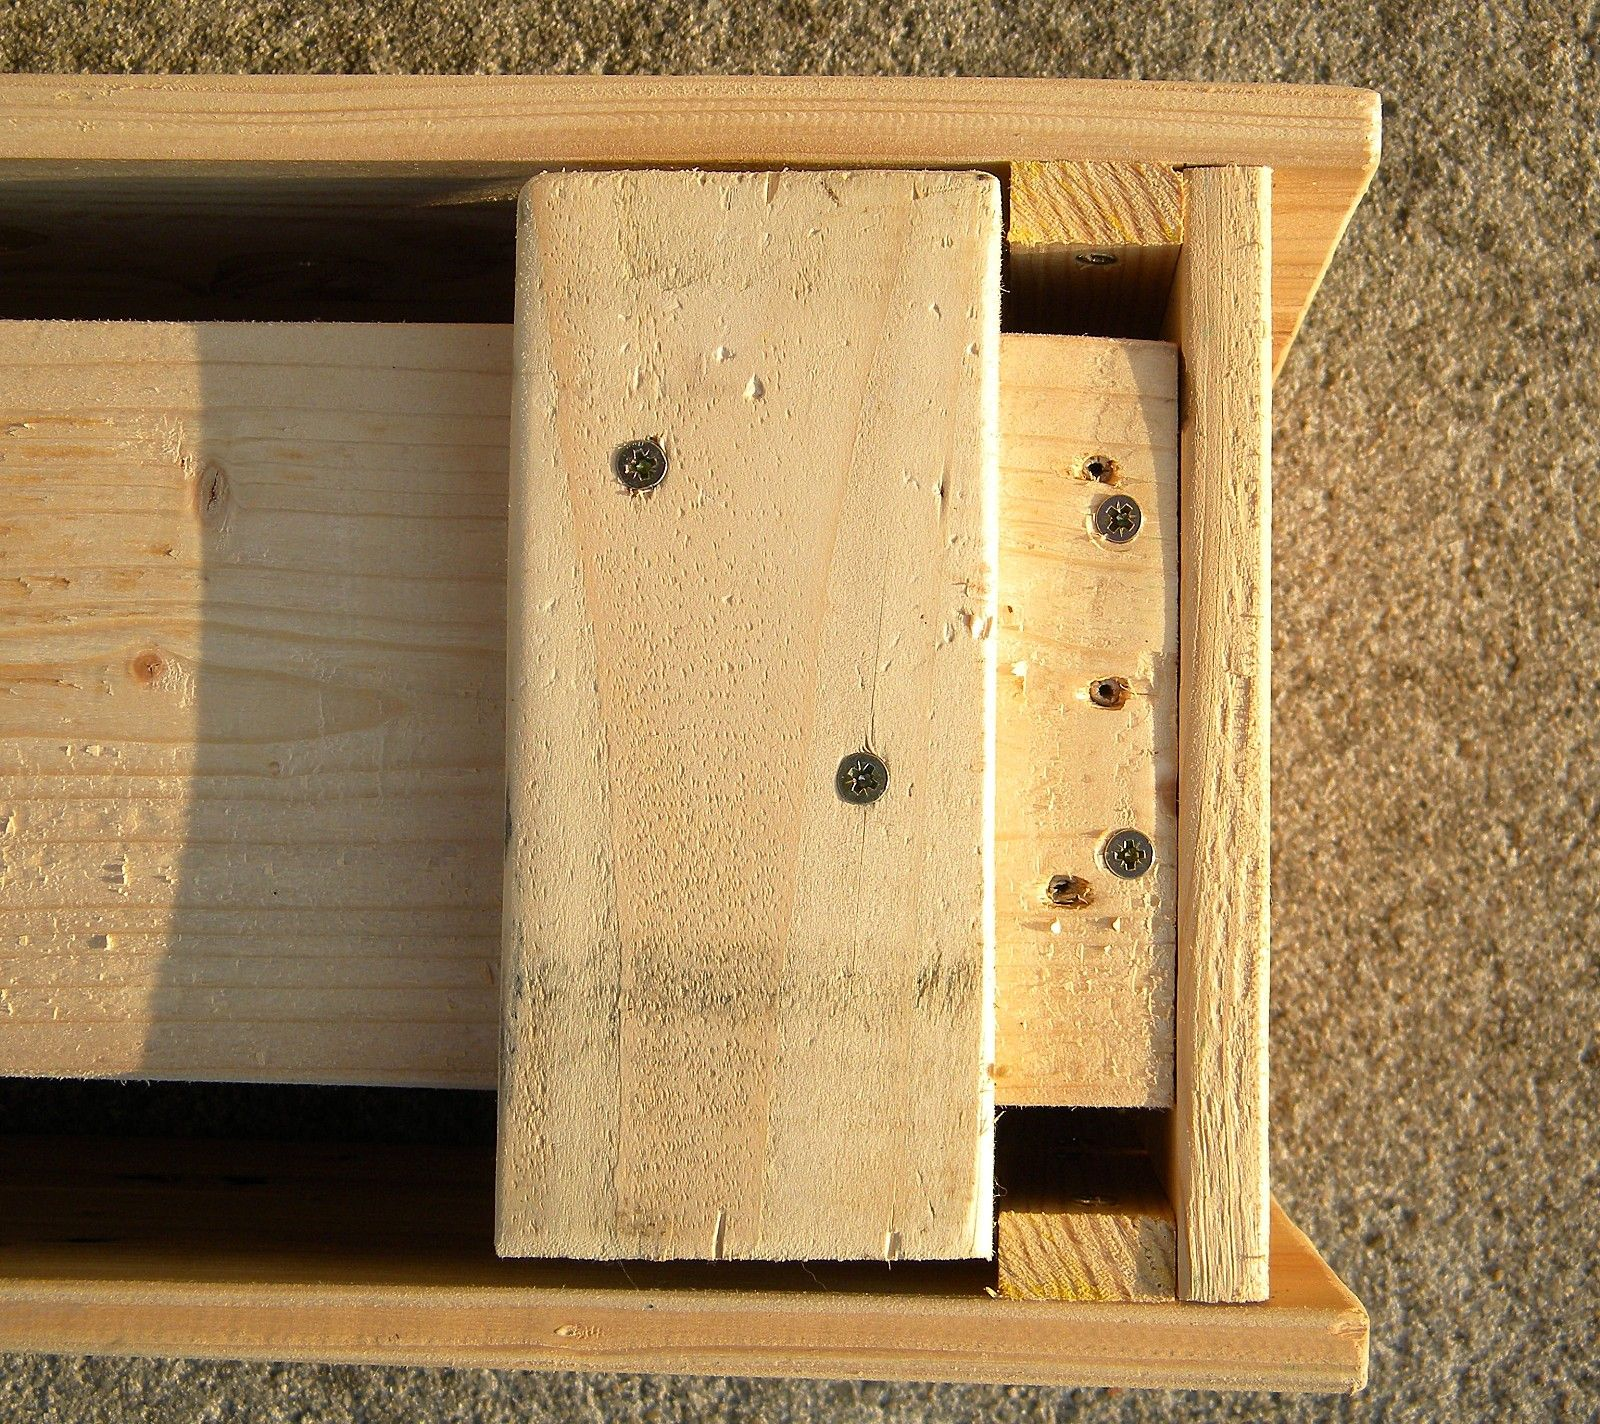 fabrication dune jardinire avec une palette en bois article notredeco - Fabriquer Une Jardiniere Avec Des Palettes